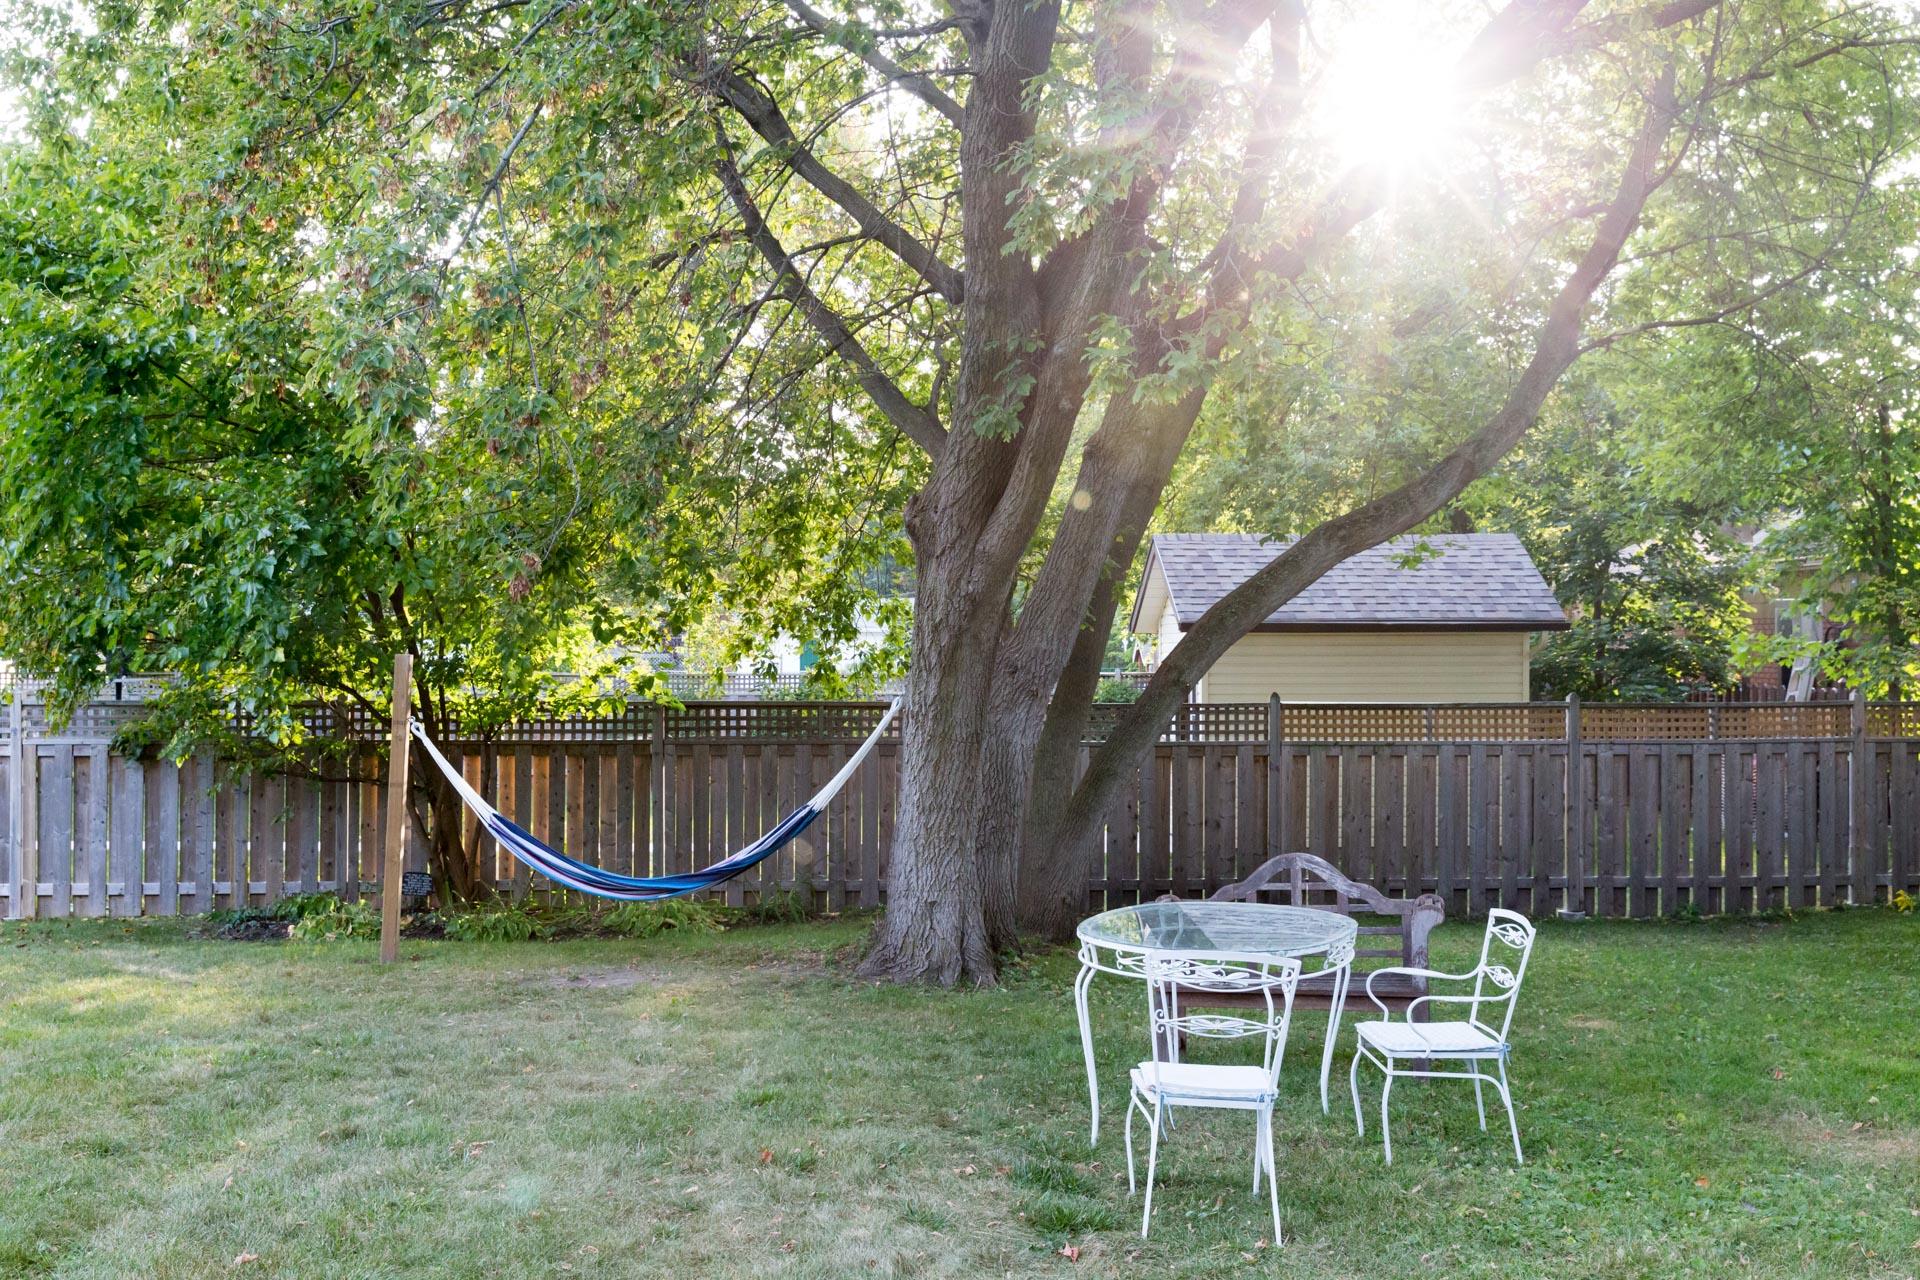 hammock hanging beside a patio set in The Ferg backyard